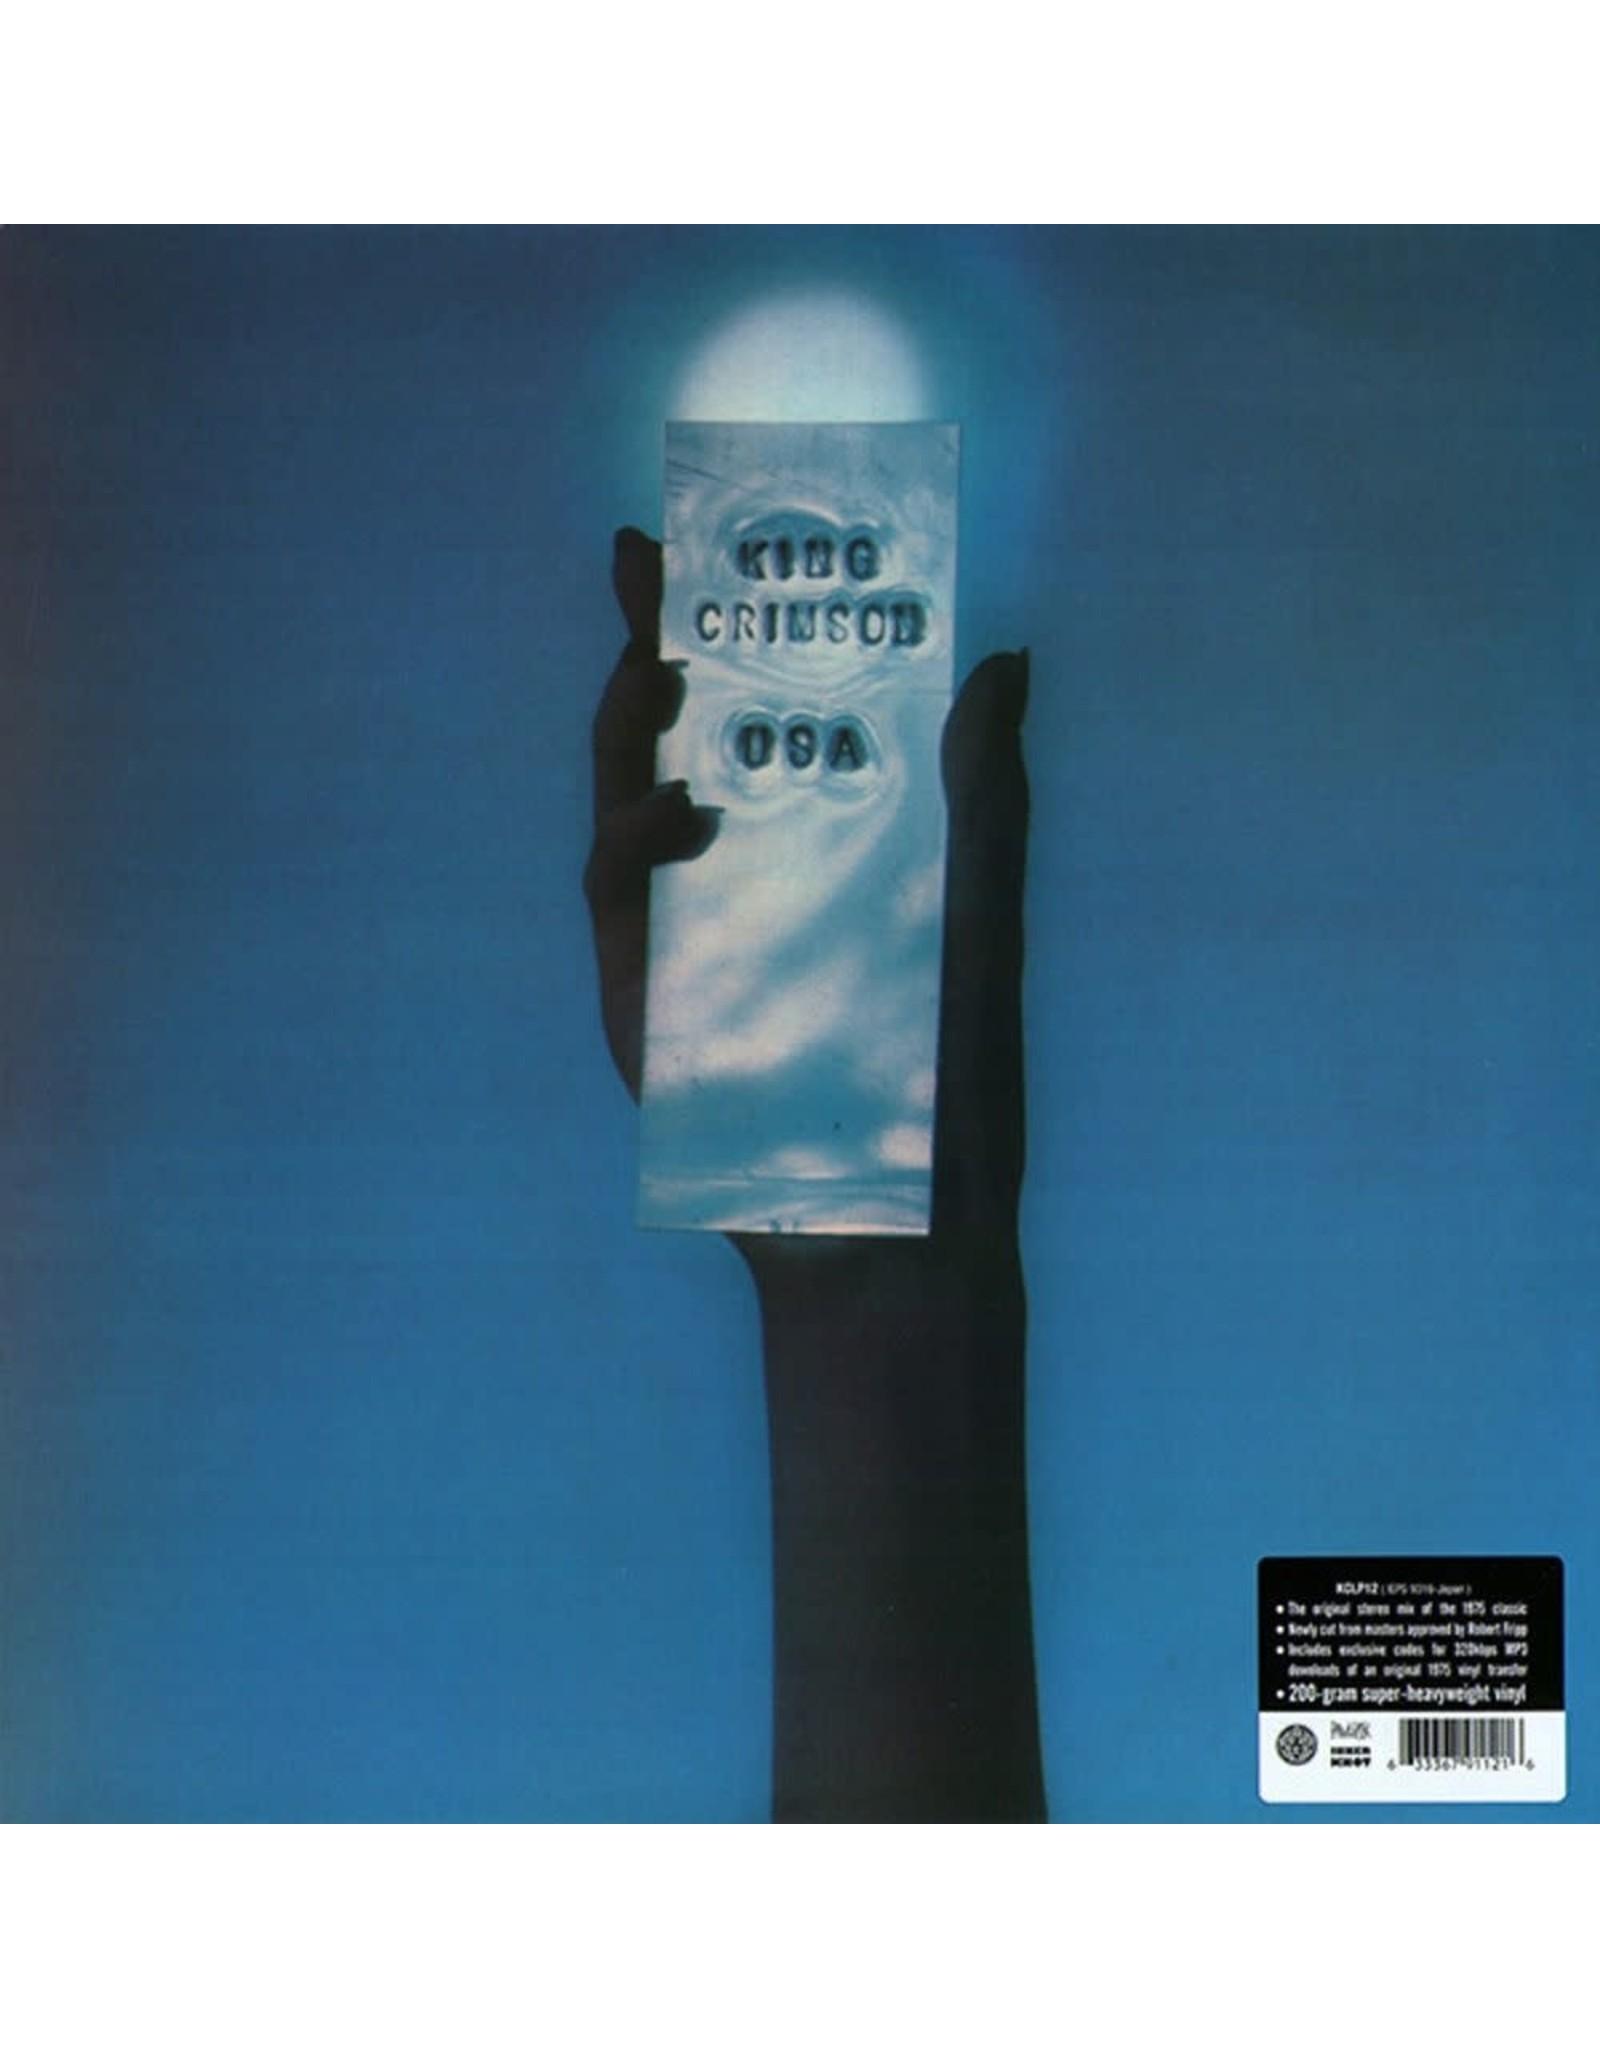 King Crimson - USA